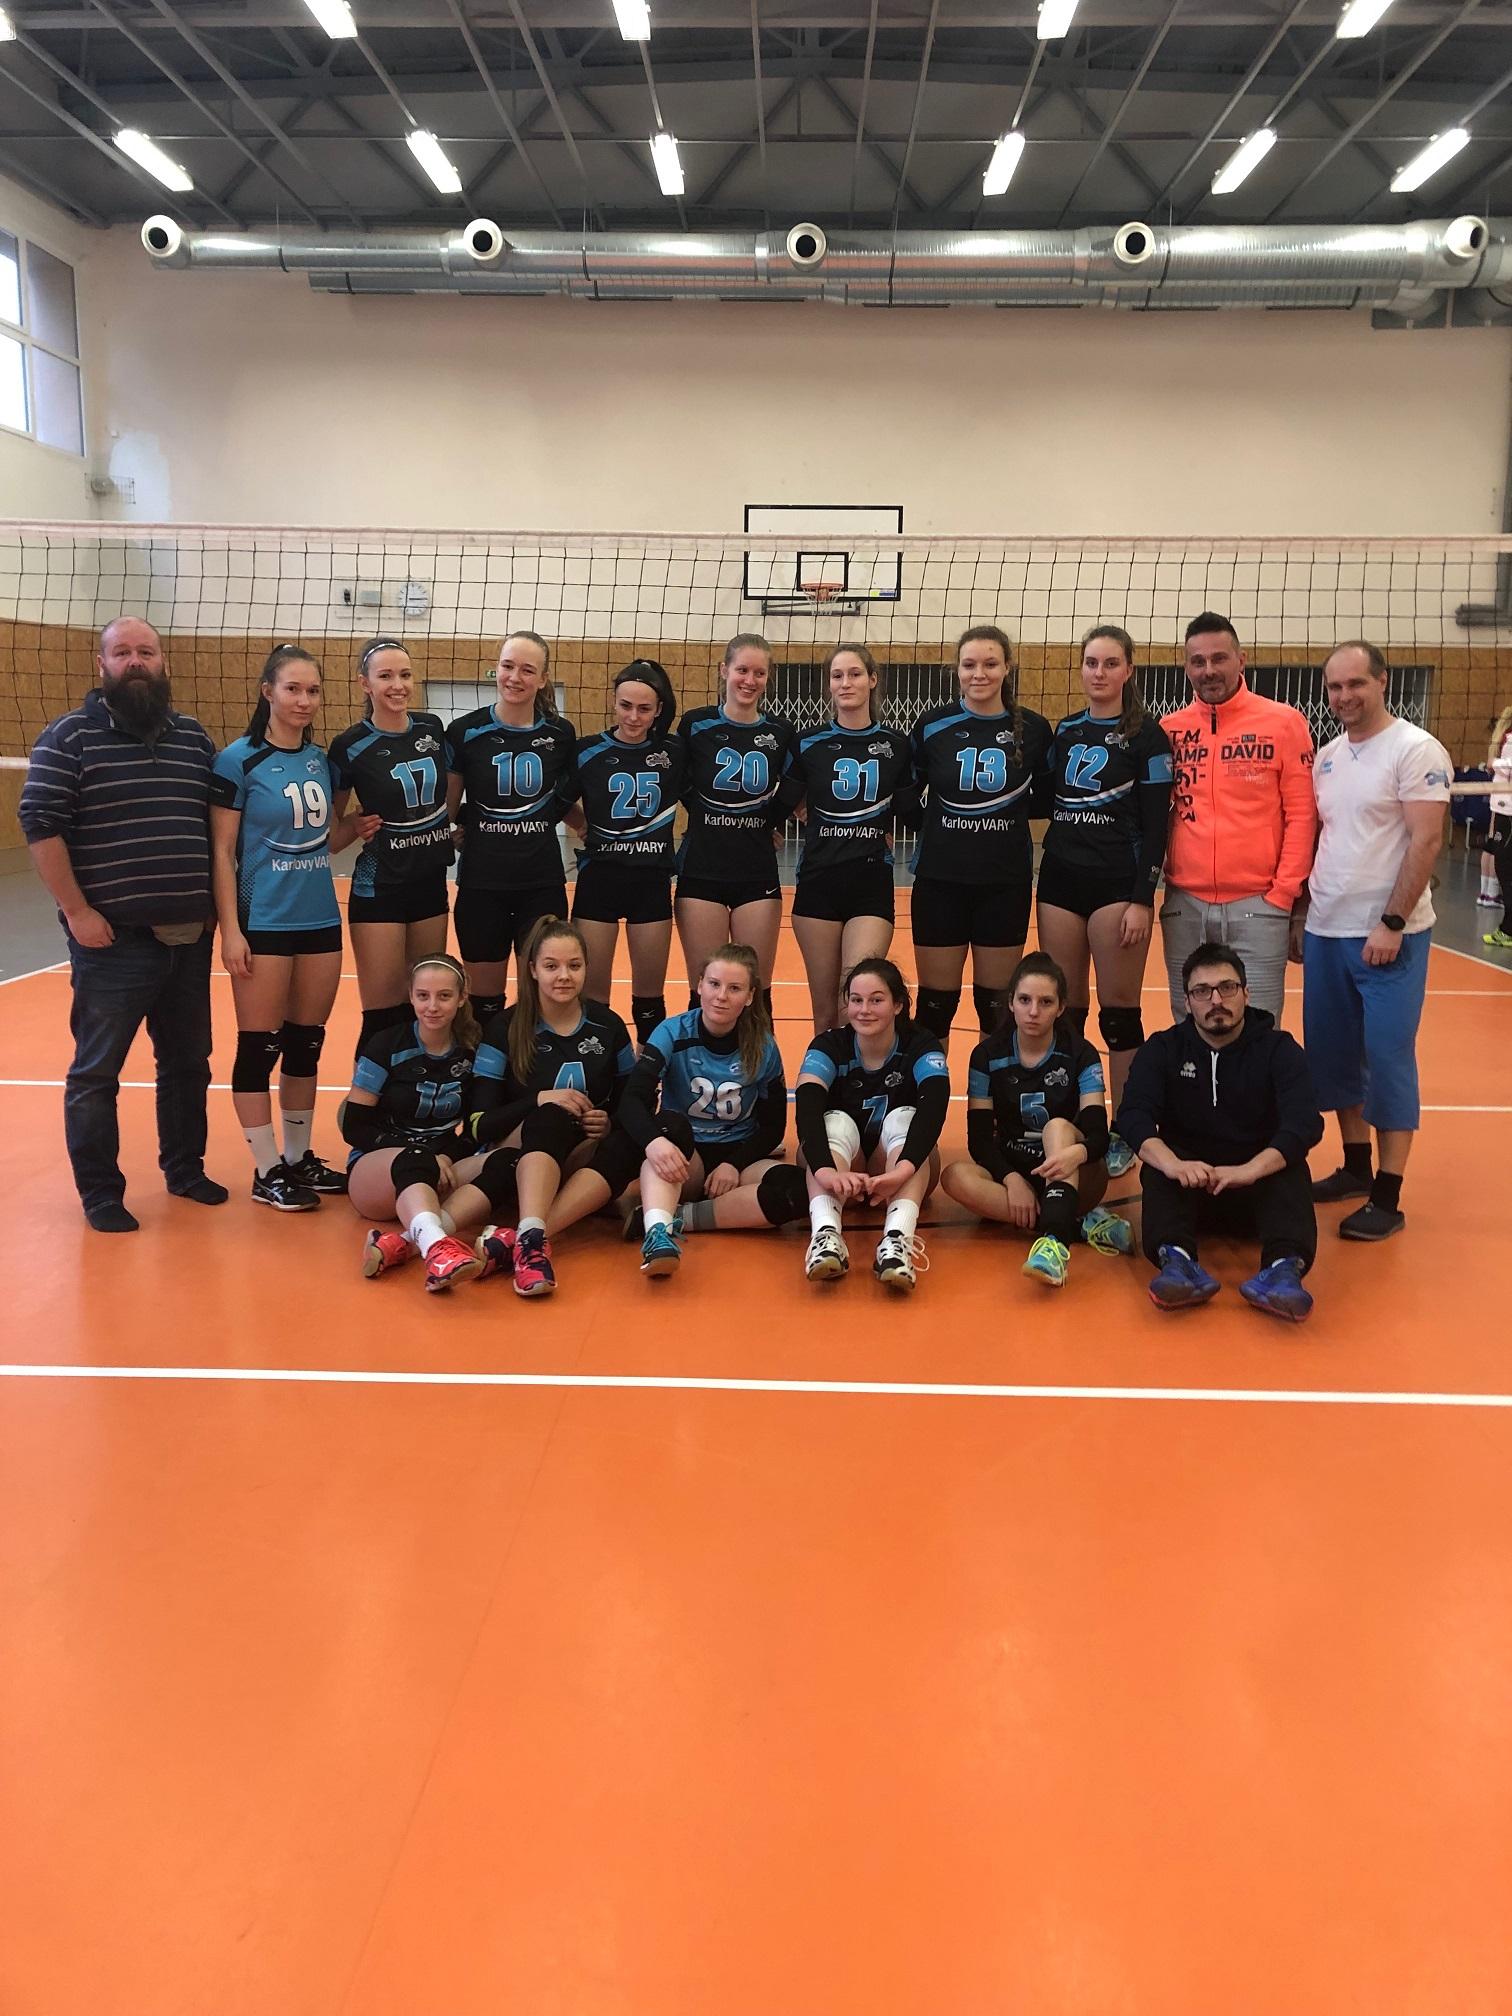 Foto: Kadetky uhrály důležitých 6 bodů v Kralupech po velkém boji - holky dííííky !!!!!